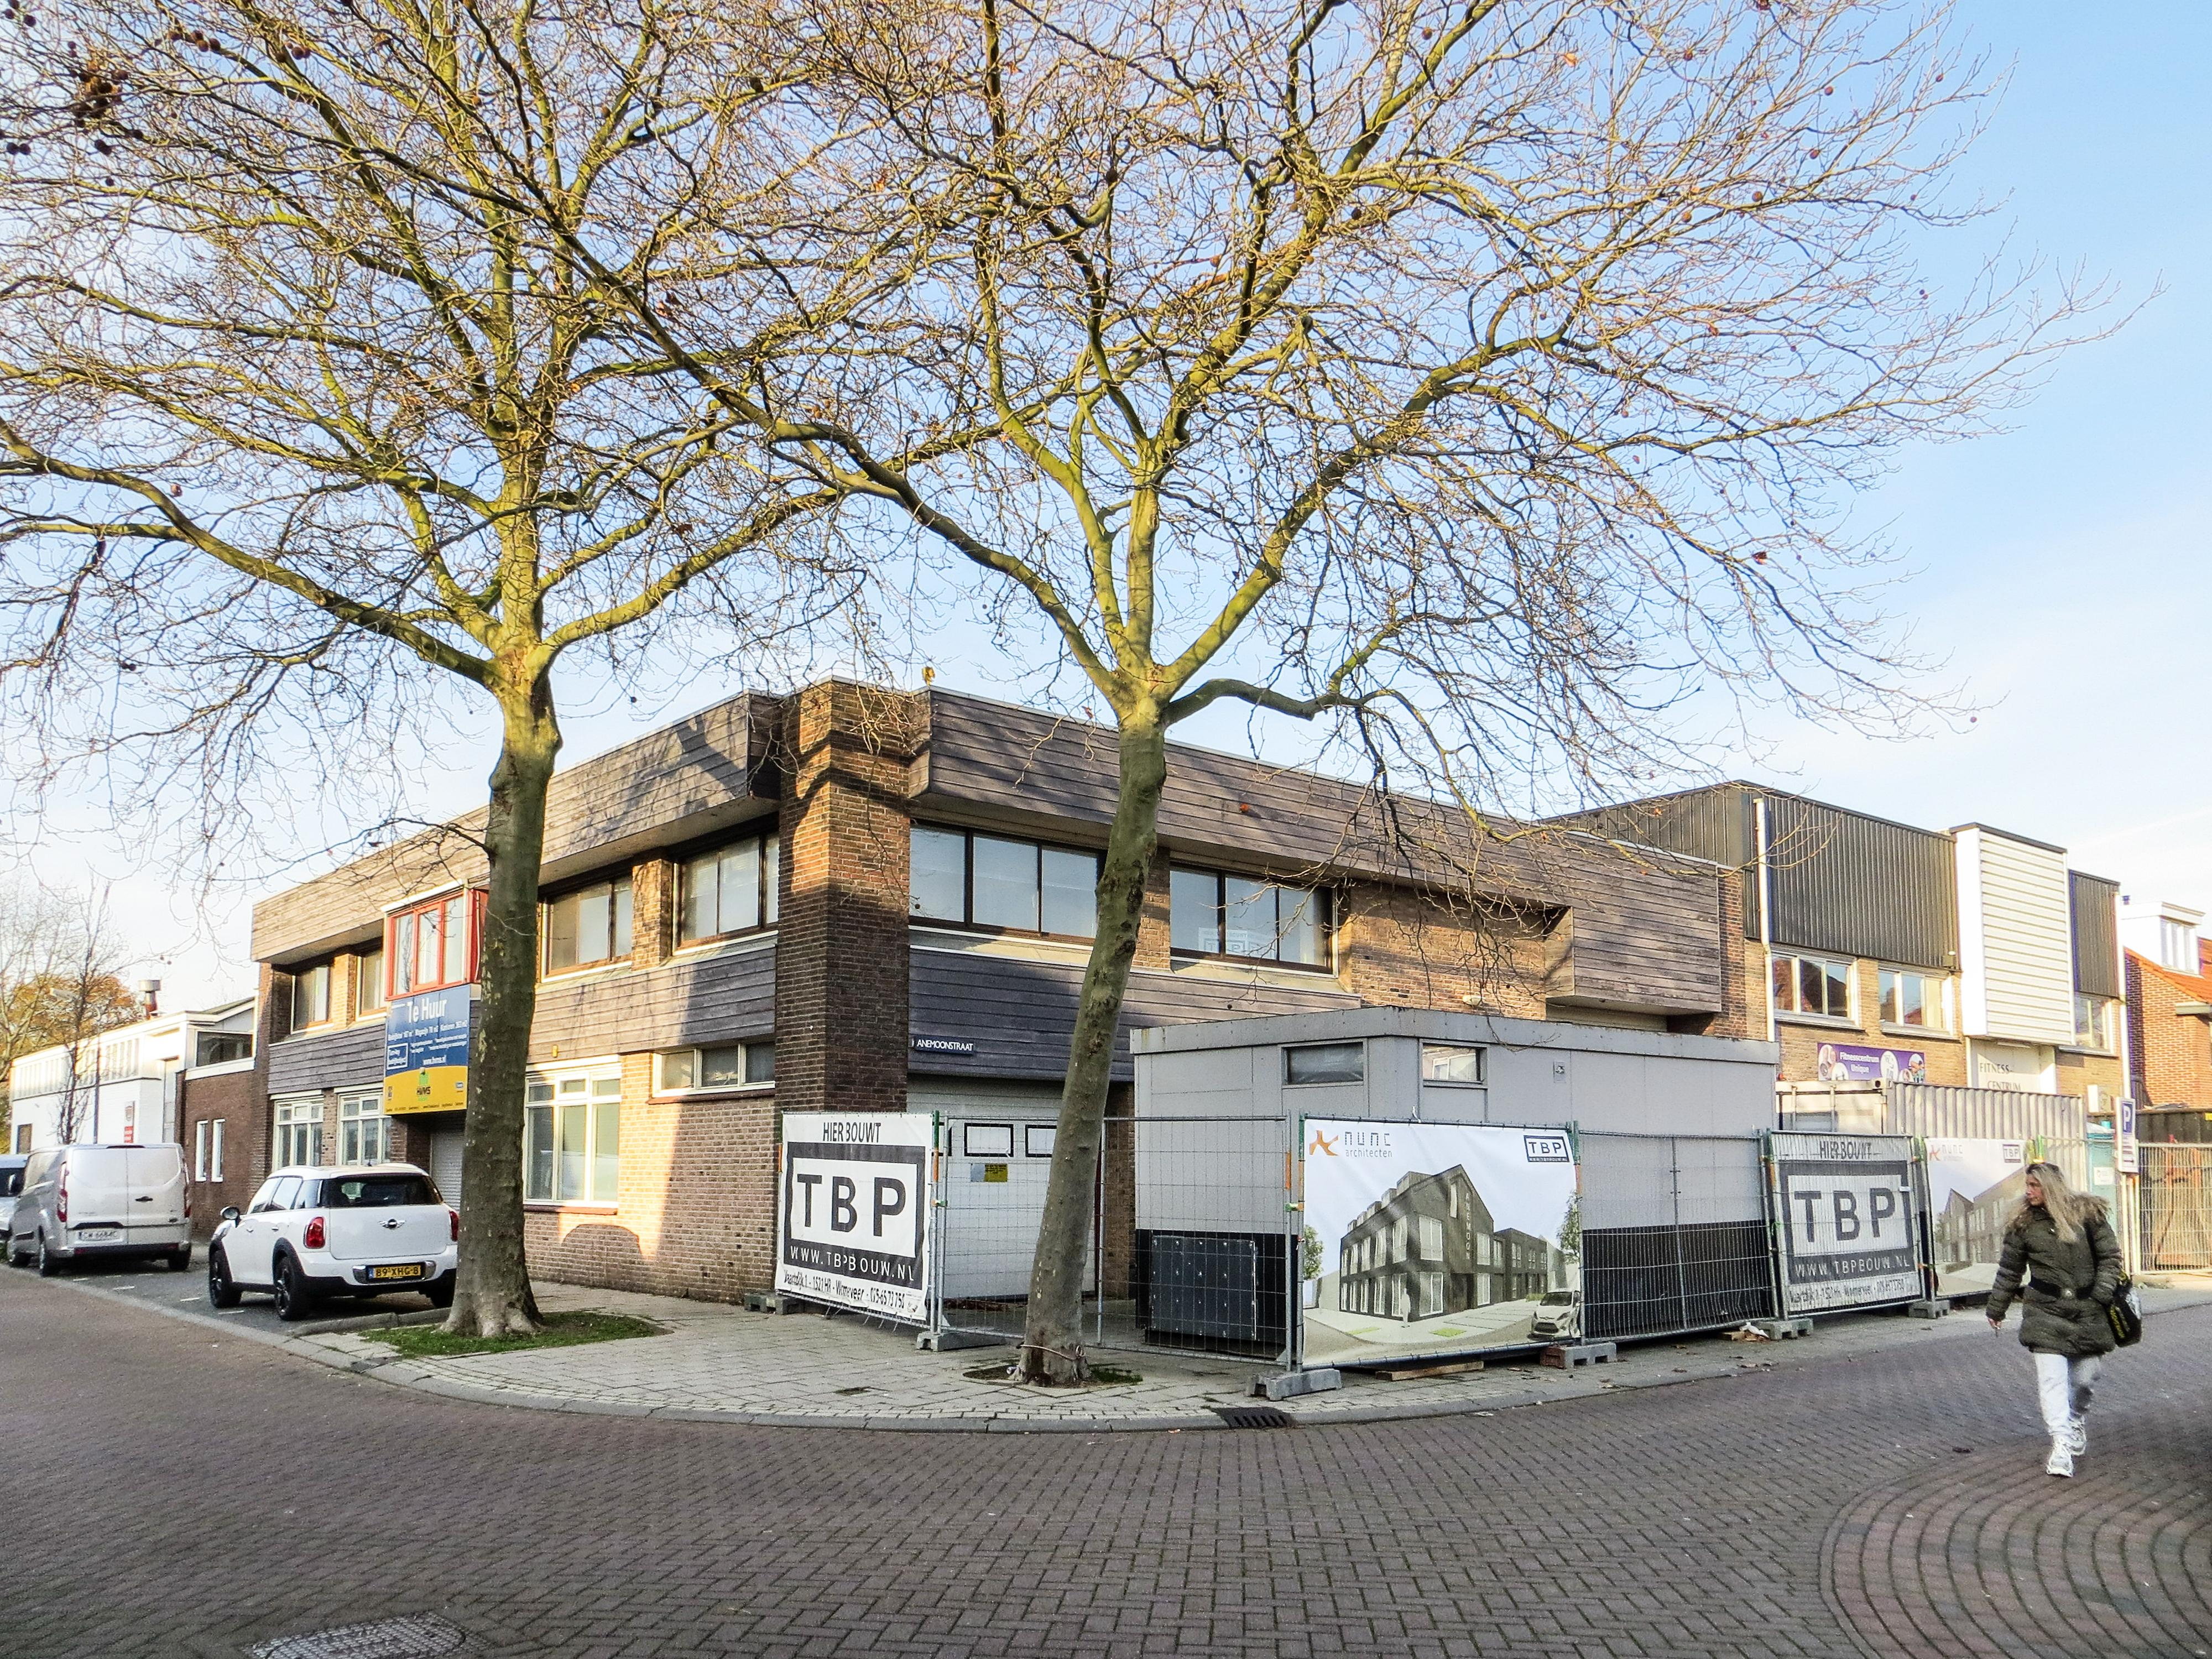 De vergunning is verleend, maar Zaanstad kijkt opnieuw naar parkeren bij De Anemoon. Ontwikkelaars zijn verbaasd: 'Alles is besproken en berekend'